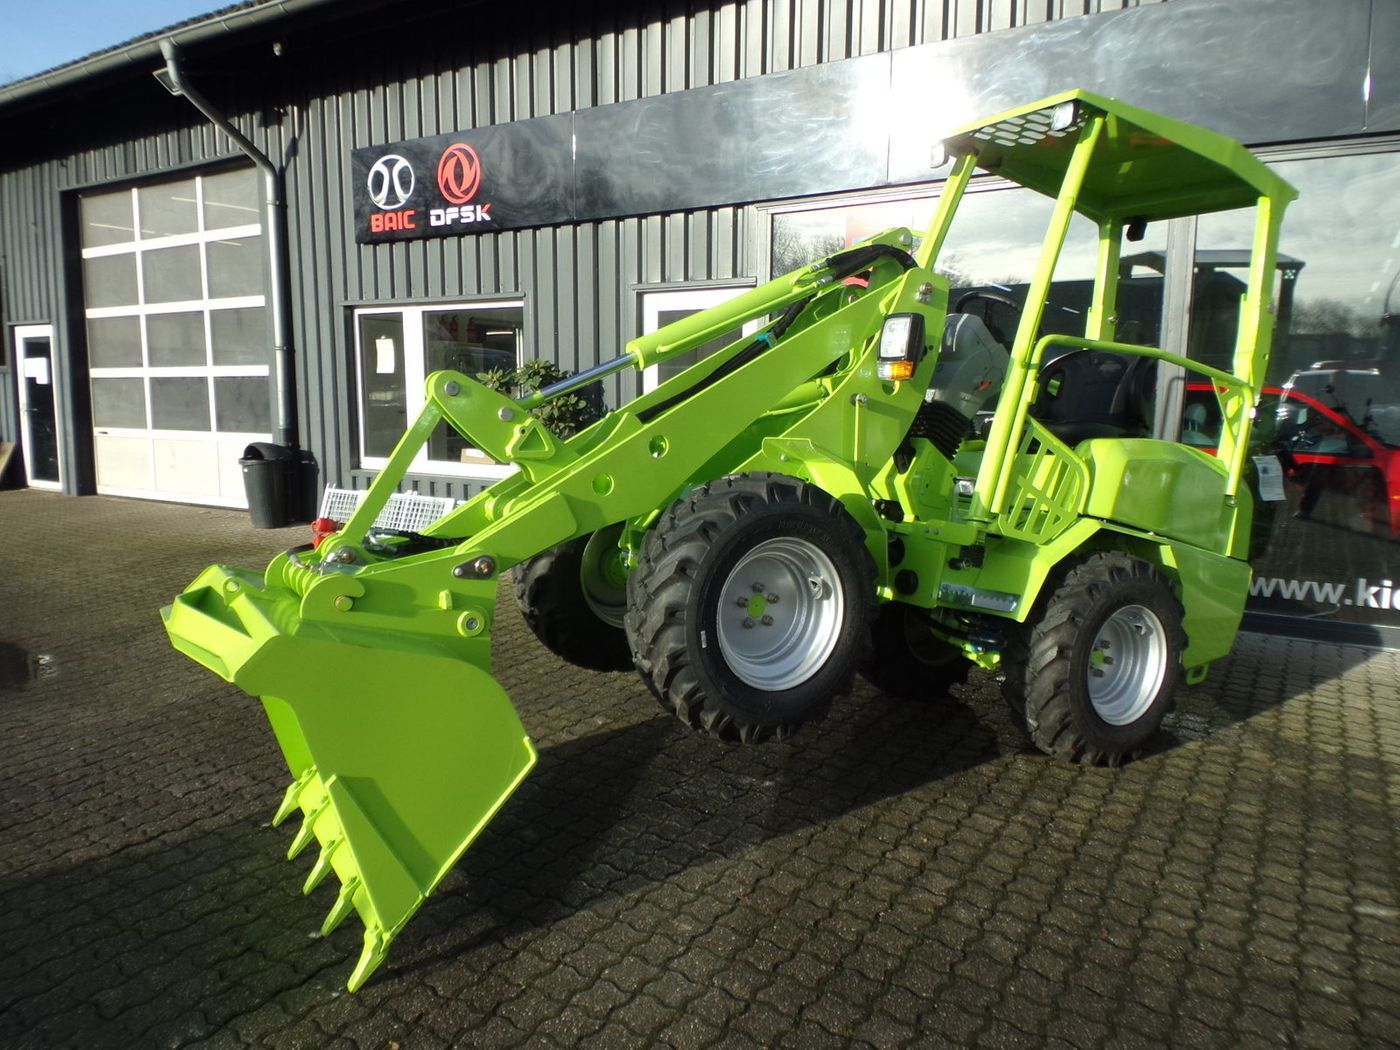 Traktoren autoscout24 deutschland Kommunal/Sonderfahrzeuge gebraucht